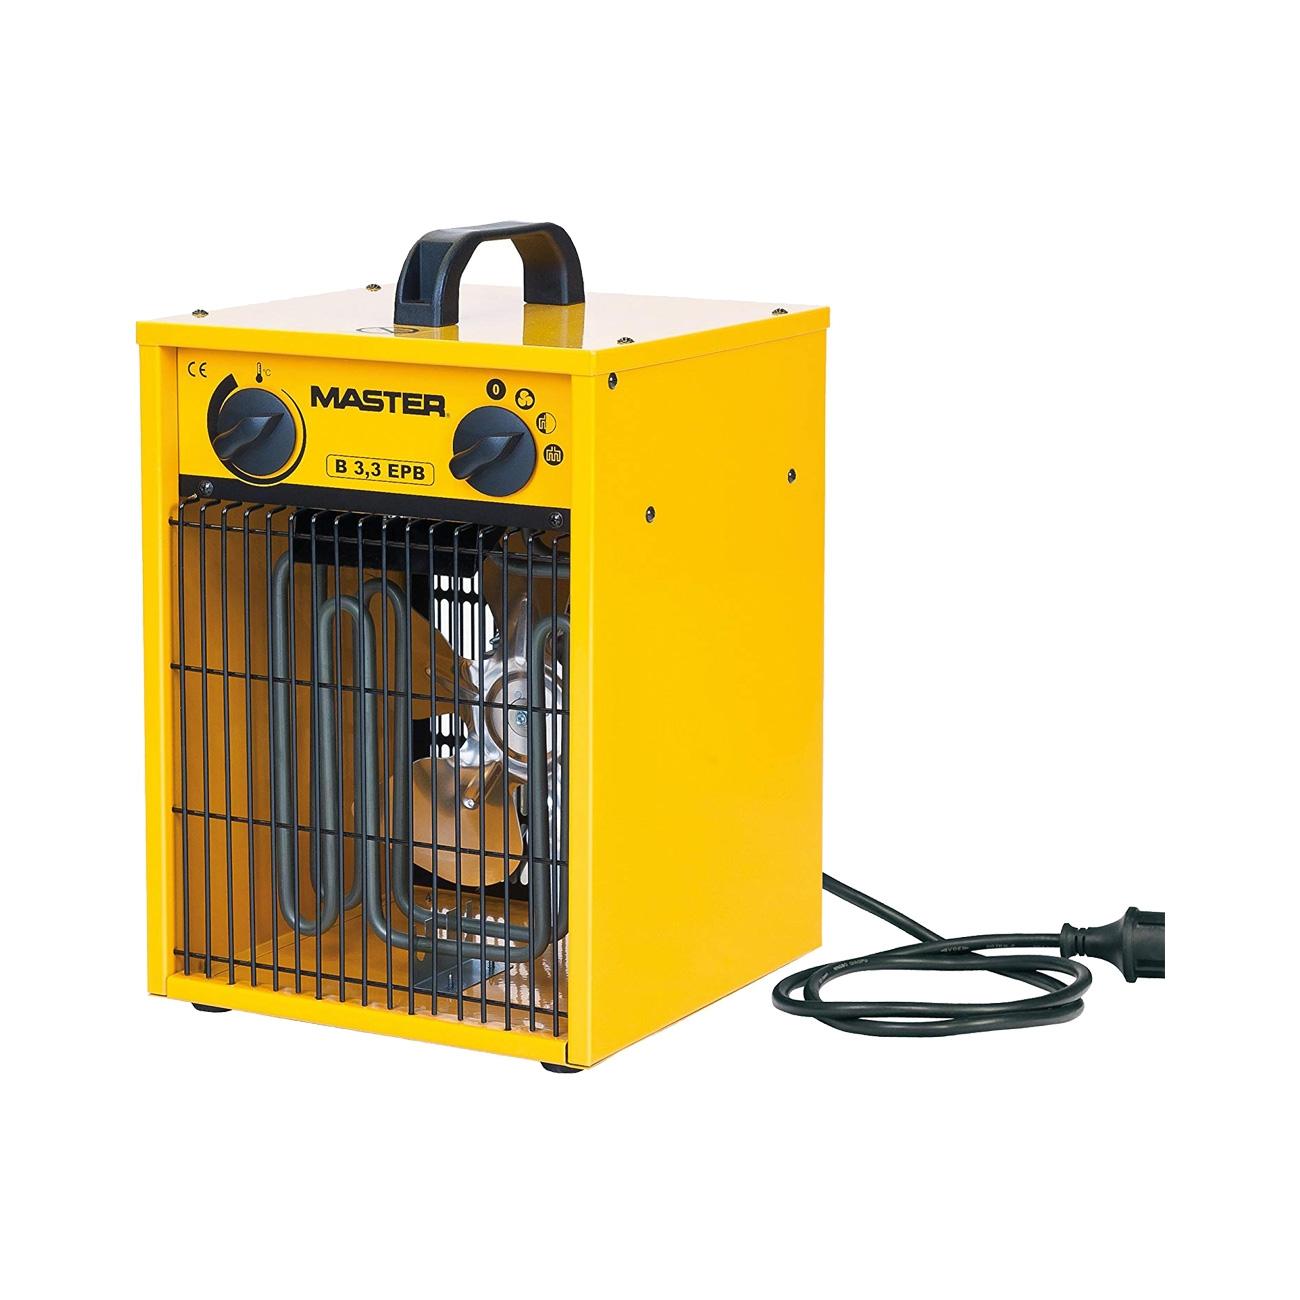 Calentador eléctrico Master B3.3 EPB con ventilador